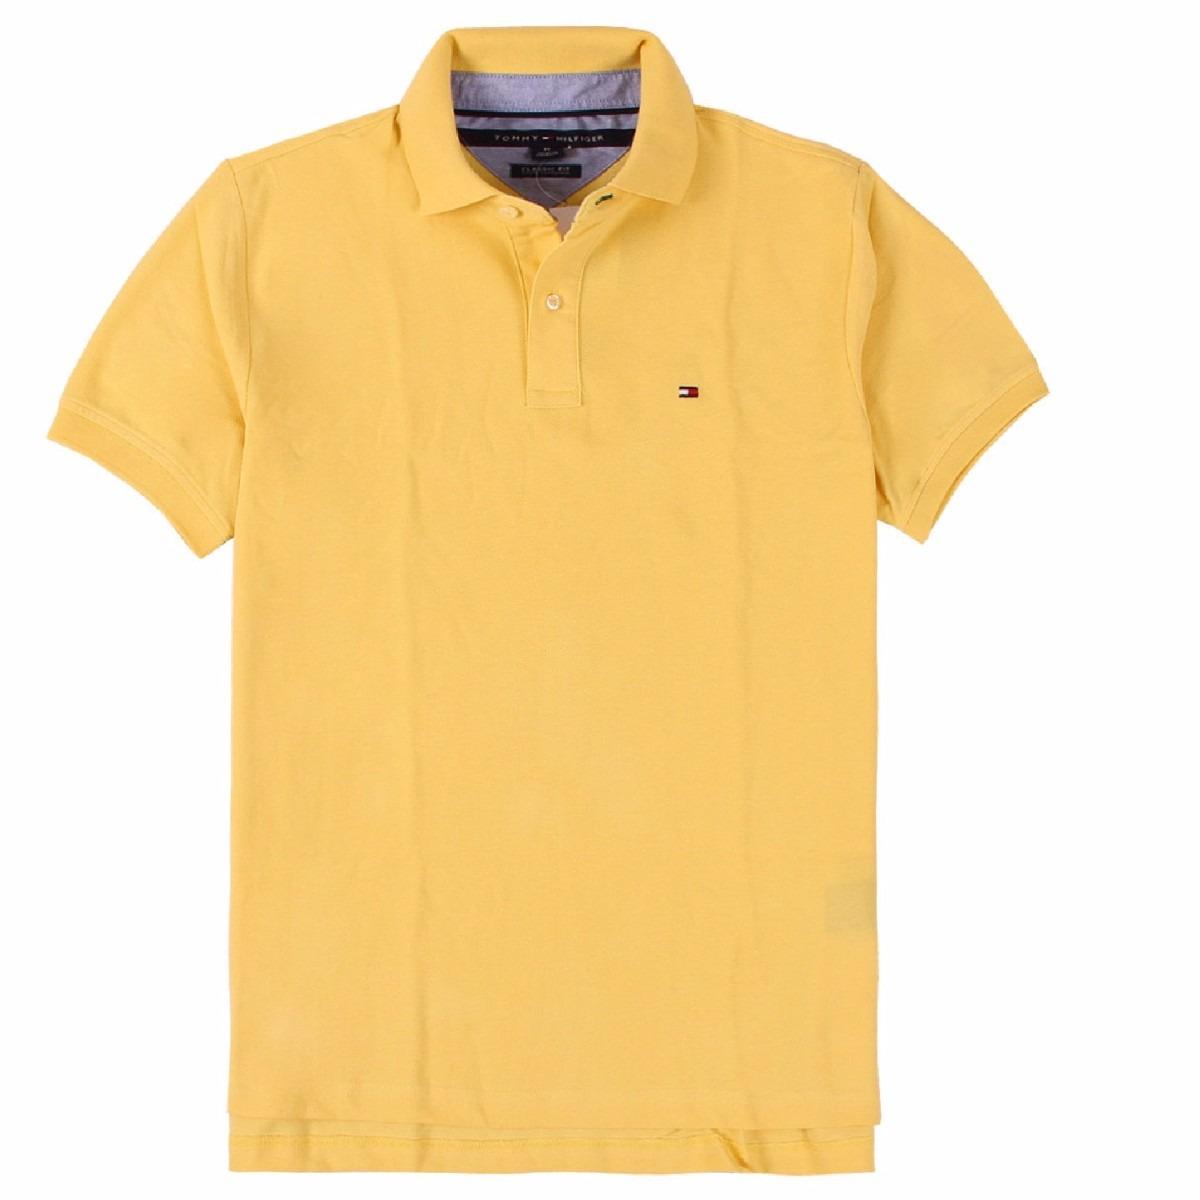 24f89e1af9513 camisa polo tommy hilfiger tamanho gg xl modelos classic fit. Carregando  zoom.